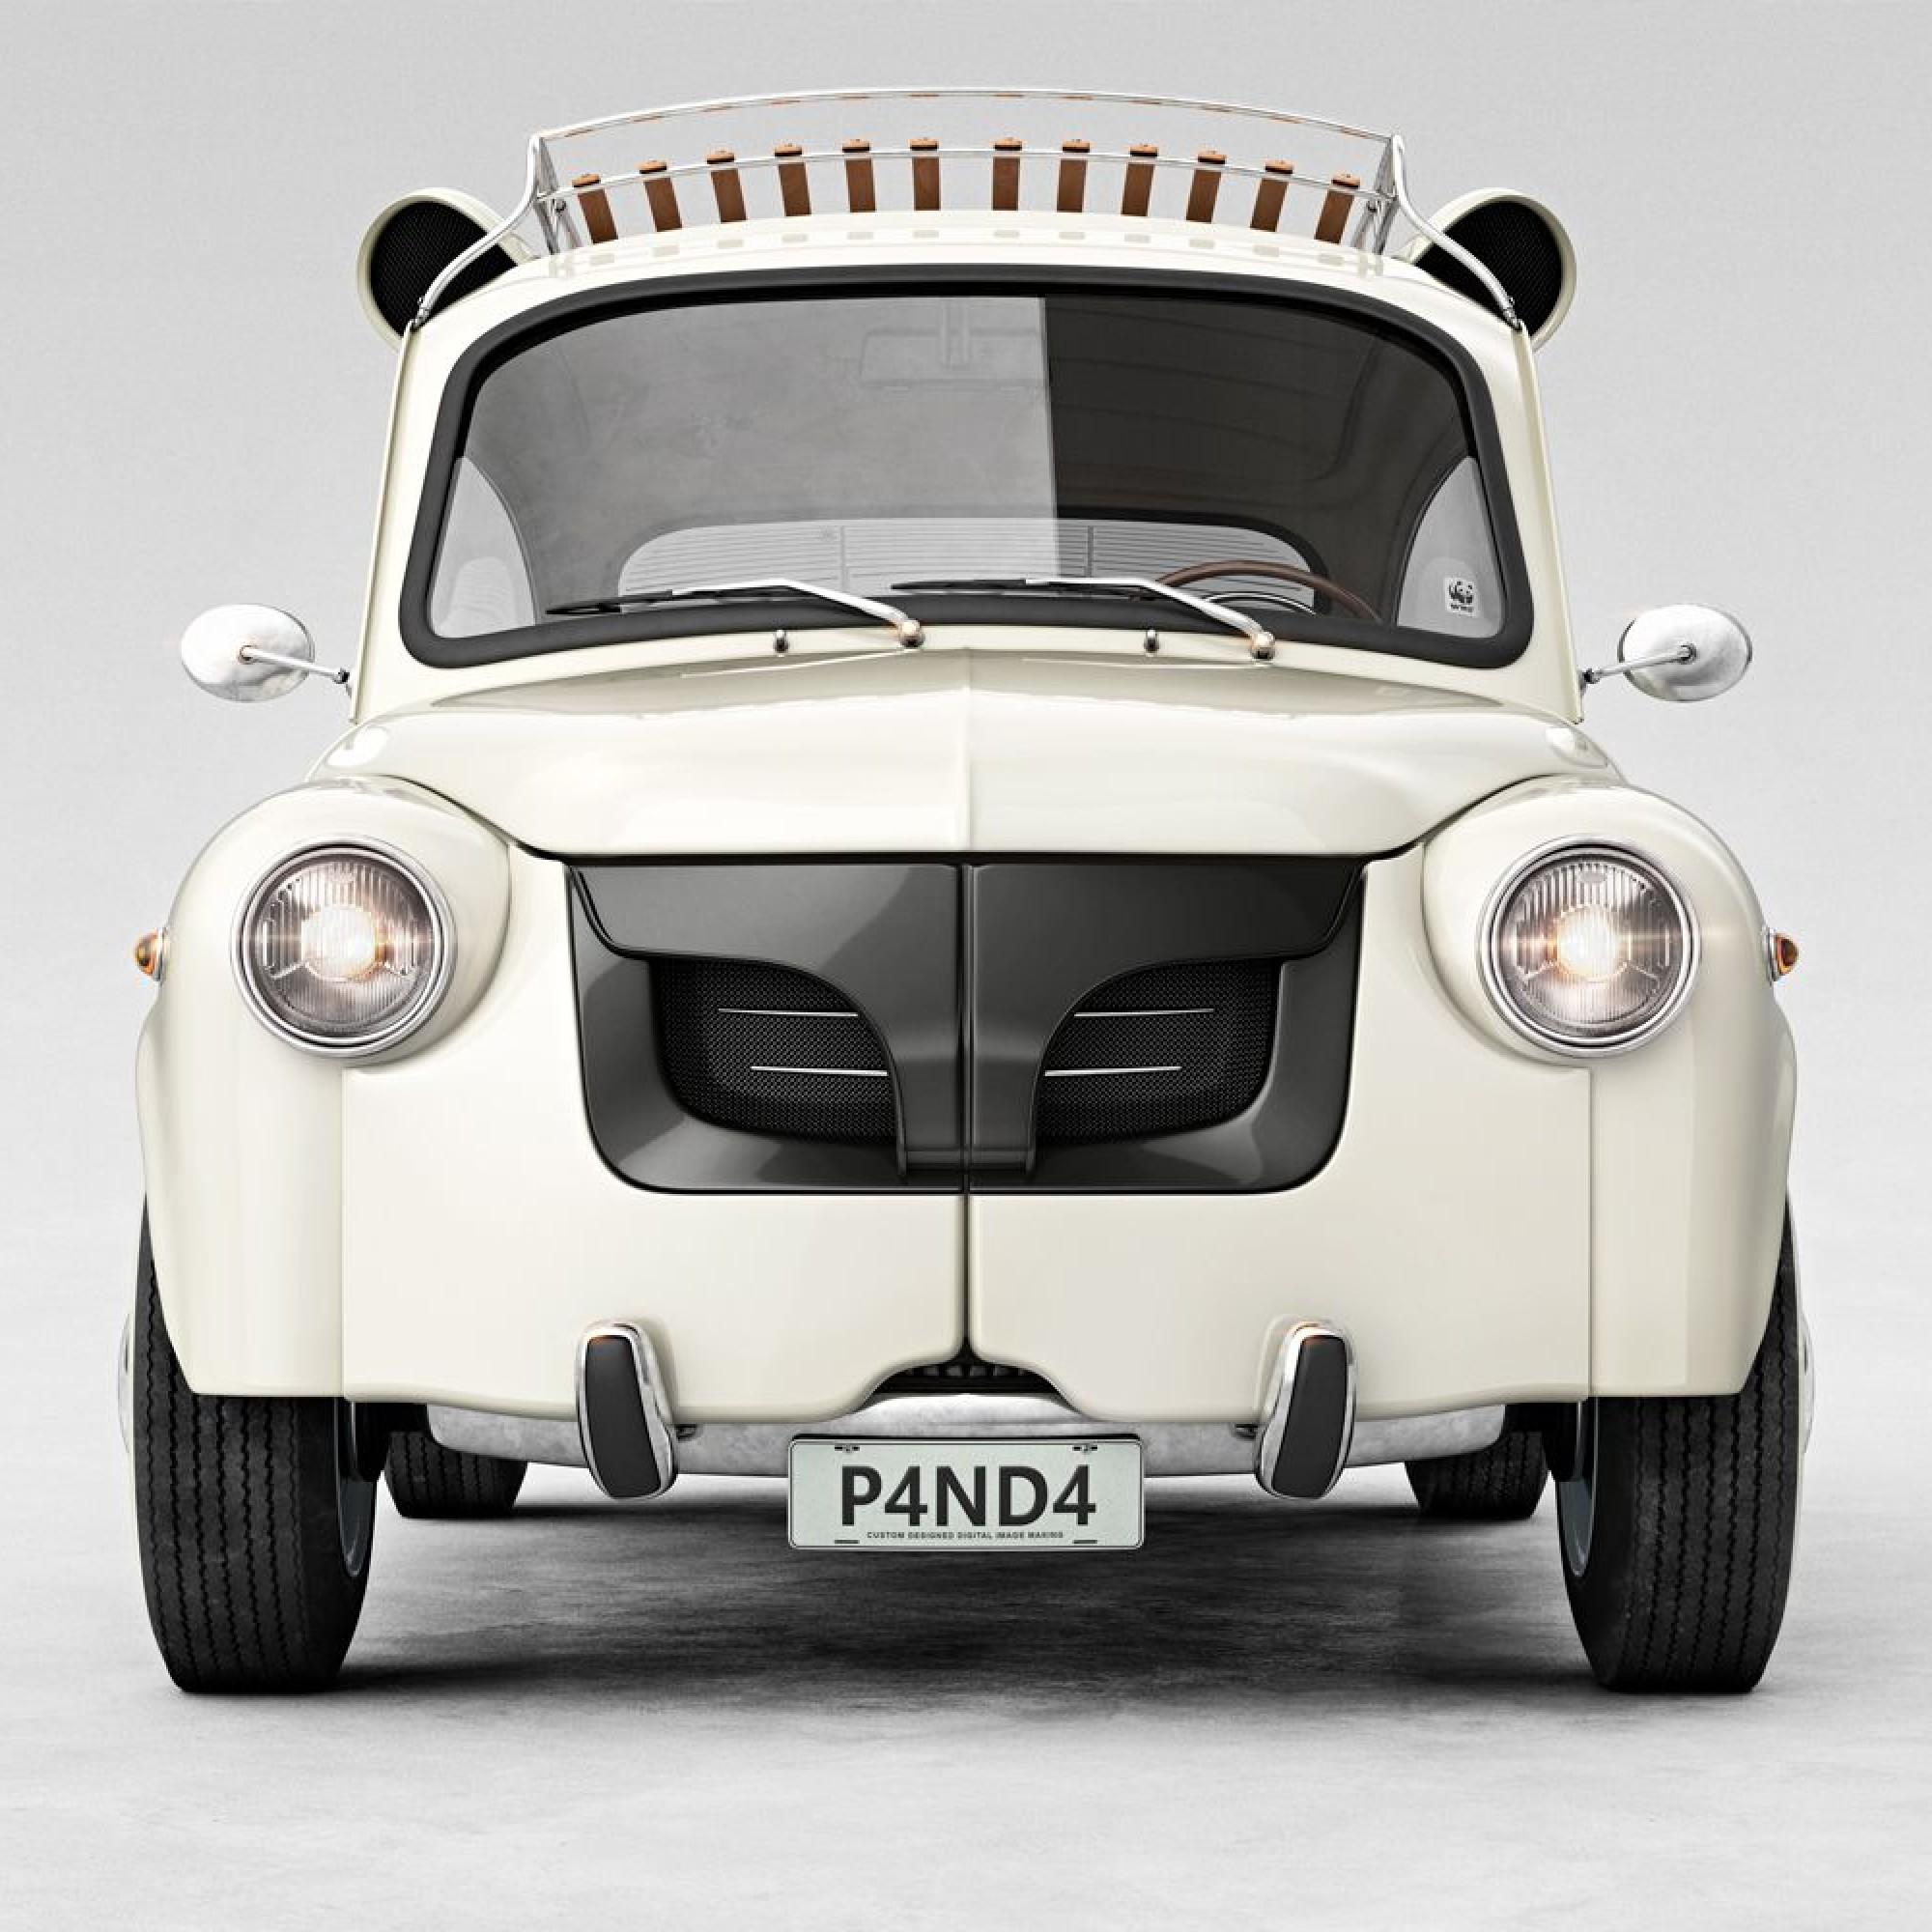 Natürlich darf auch ein Fiat 600S mit Baujahr 1977 nicht fehlen: Zwar besitzt dieser Oldtimer weit weniger PS, punktet dafür aber mit einem herzigen Aussehen.